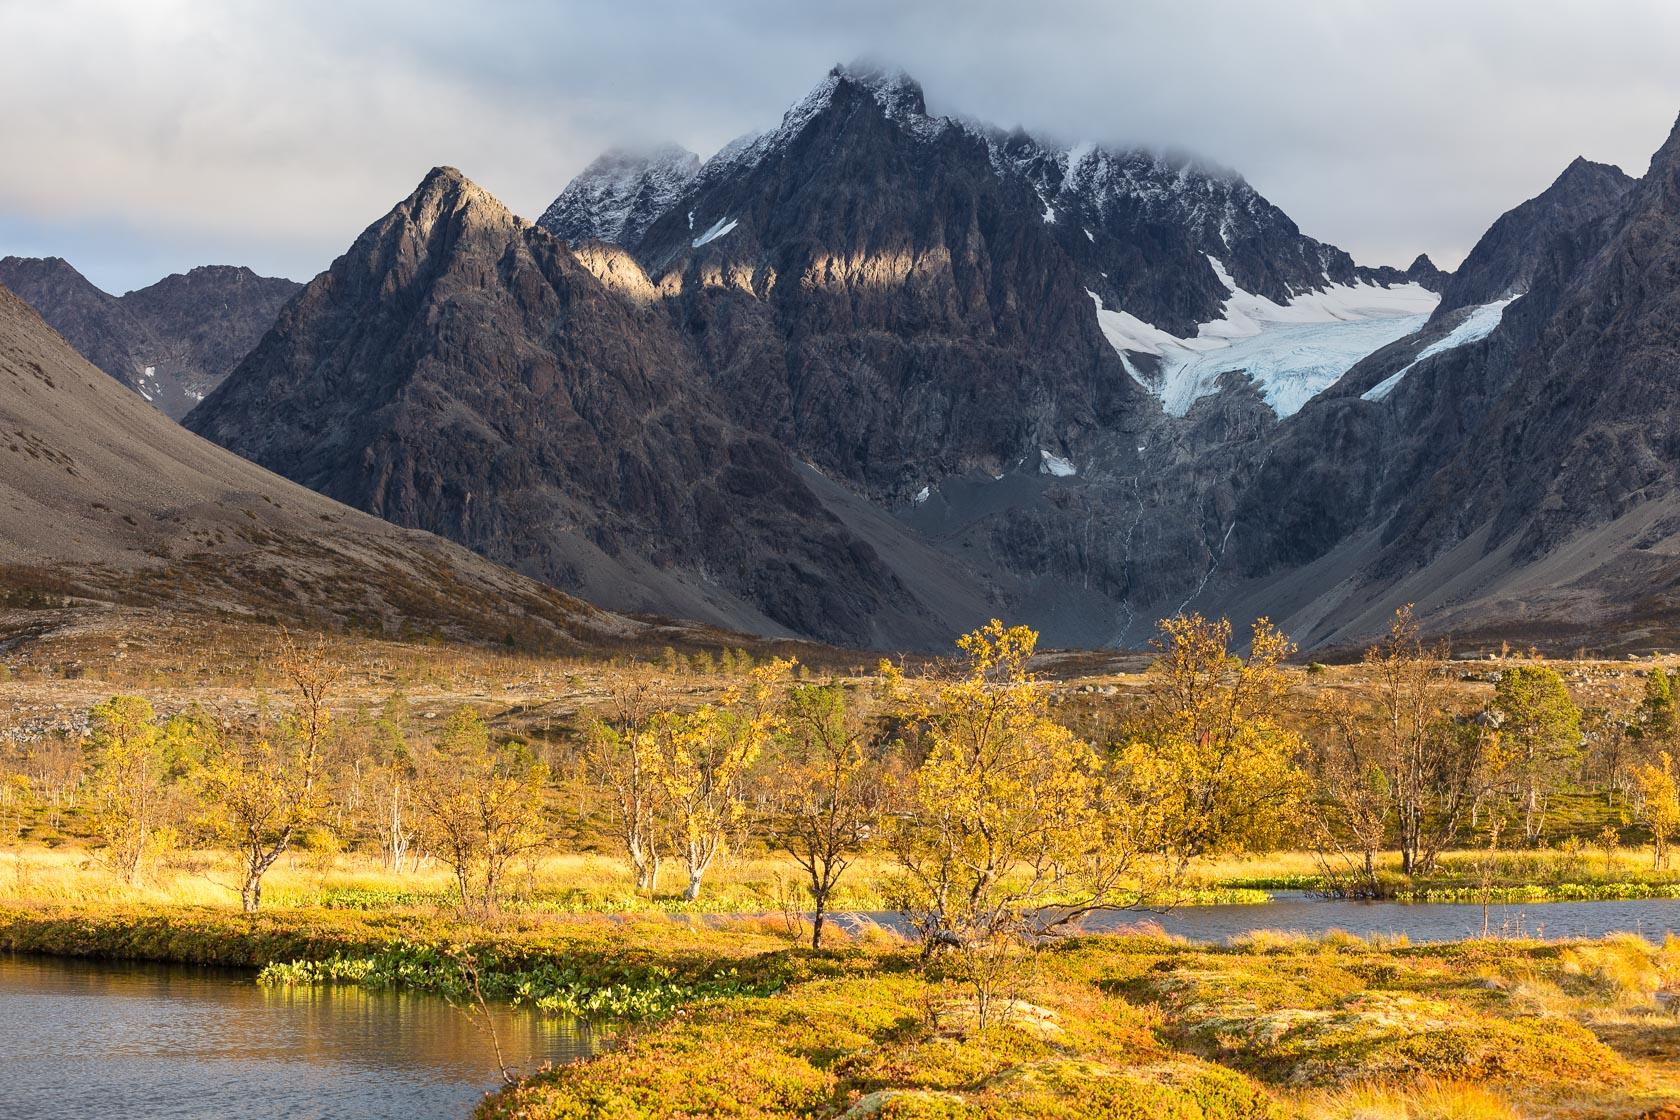 Lenangstindane et glacier du Blåvatnet en automne, dans les Alpes de Lyngen